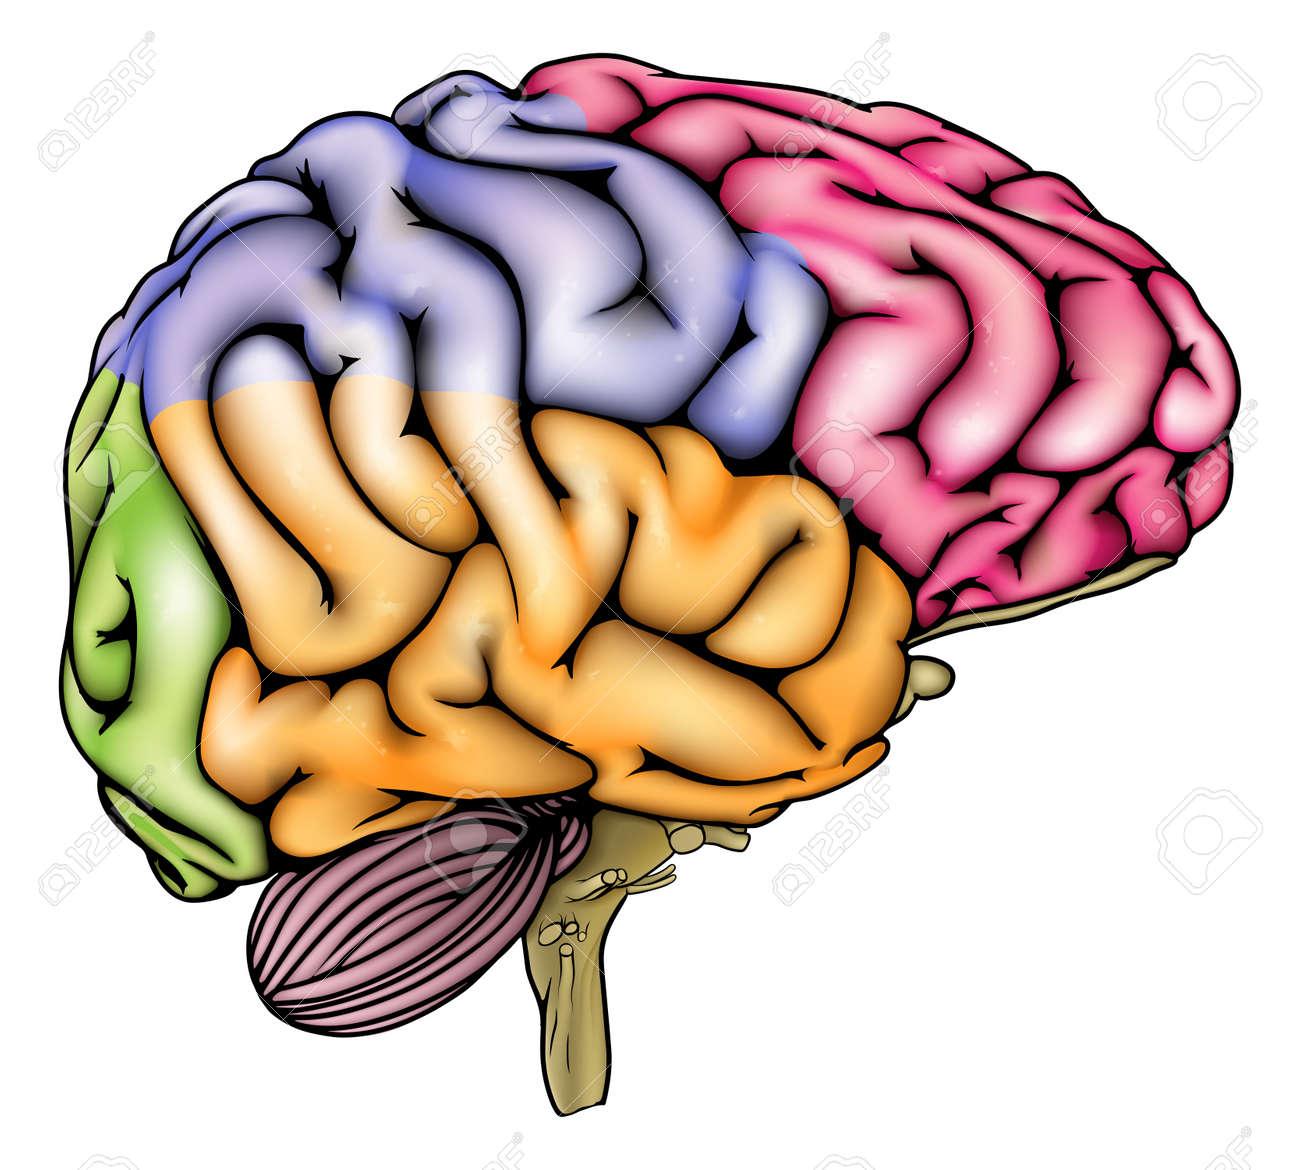 Una Ilustración O Diagrama De La Anatomía De Un Cerebro Humano ...